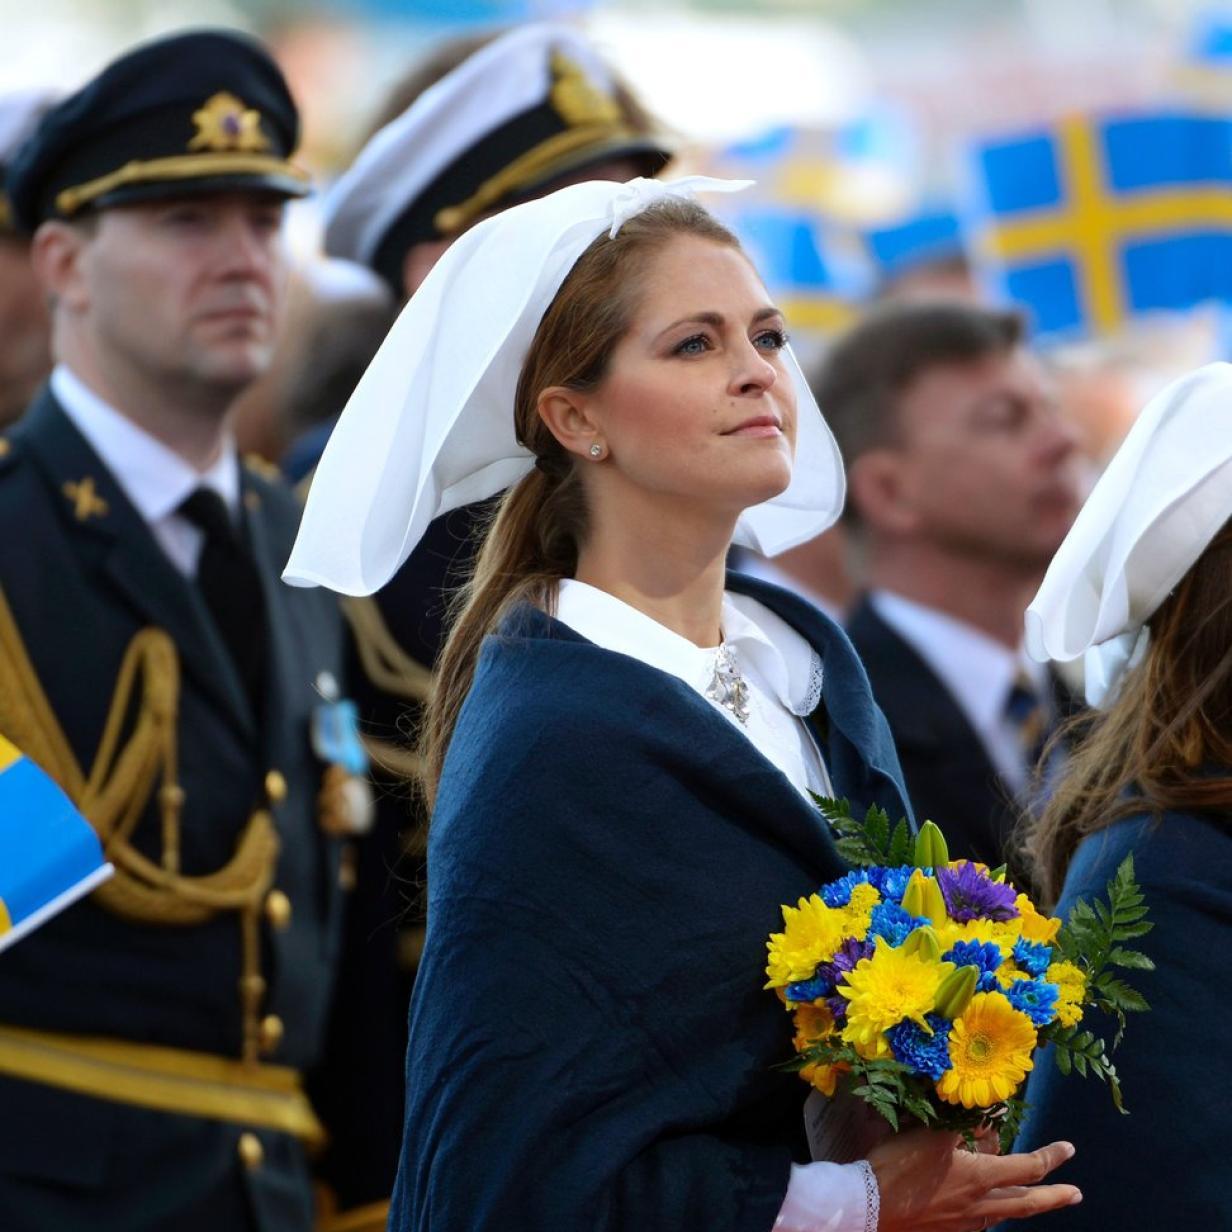 Prinzessin Madeleine kehrt ohne ihren Mann nach Schweden zurück